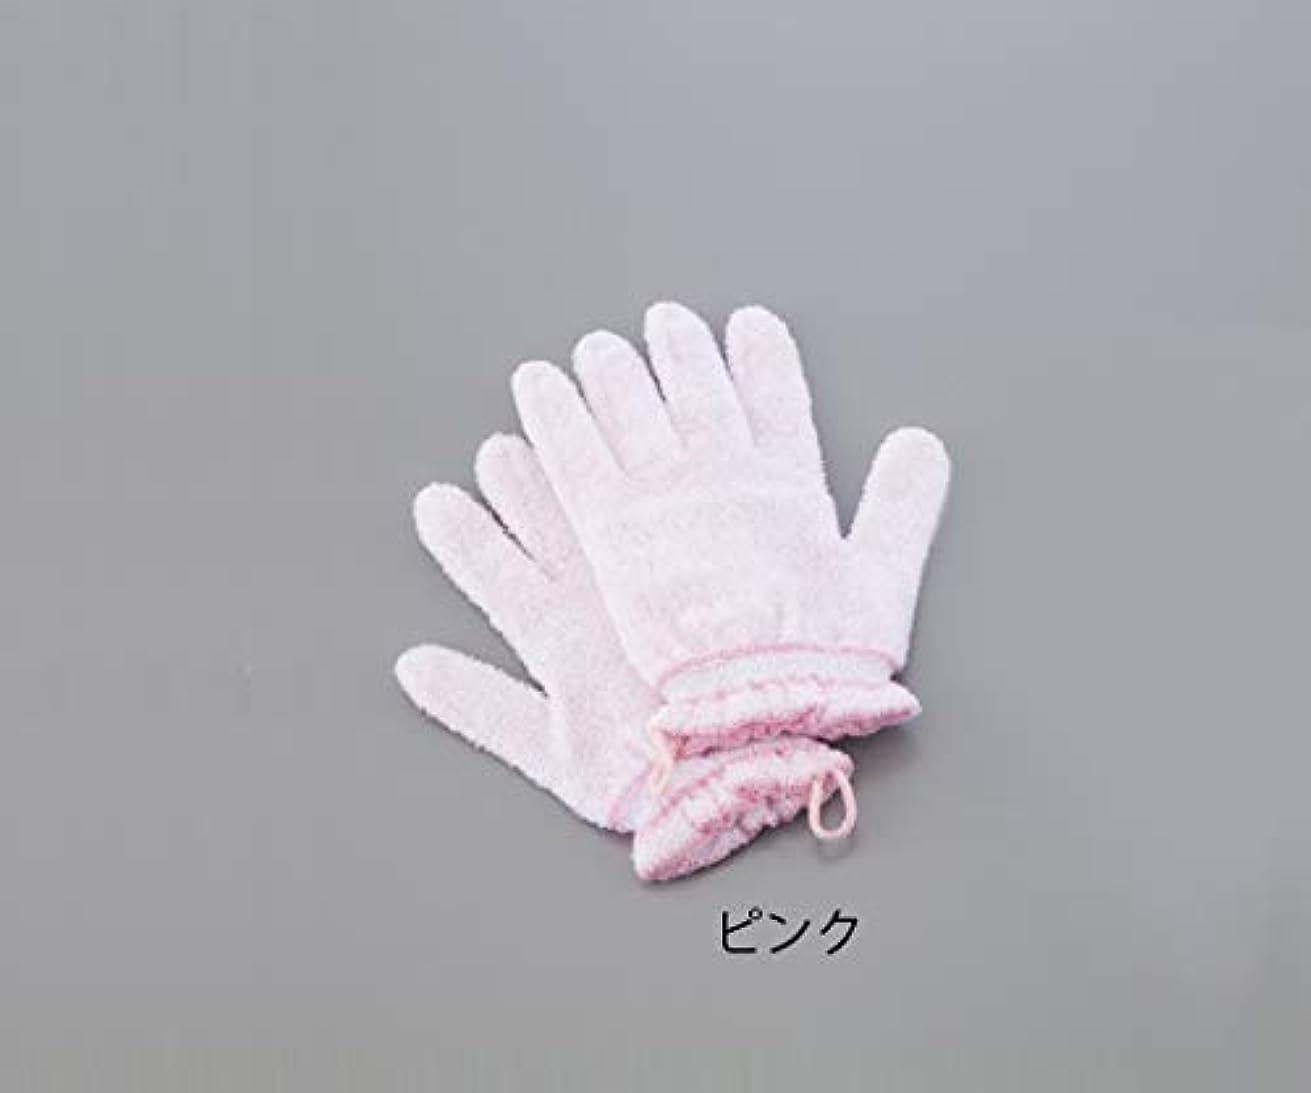 アカデミック護衛不承認0-4015-01浴用手袋(やさしい手)ピンク